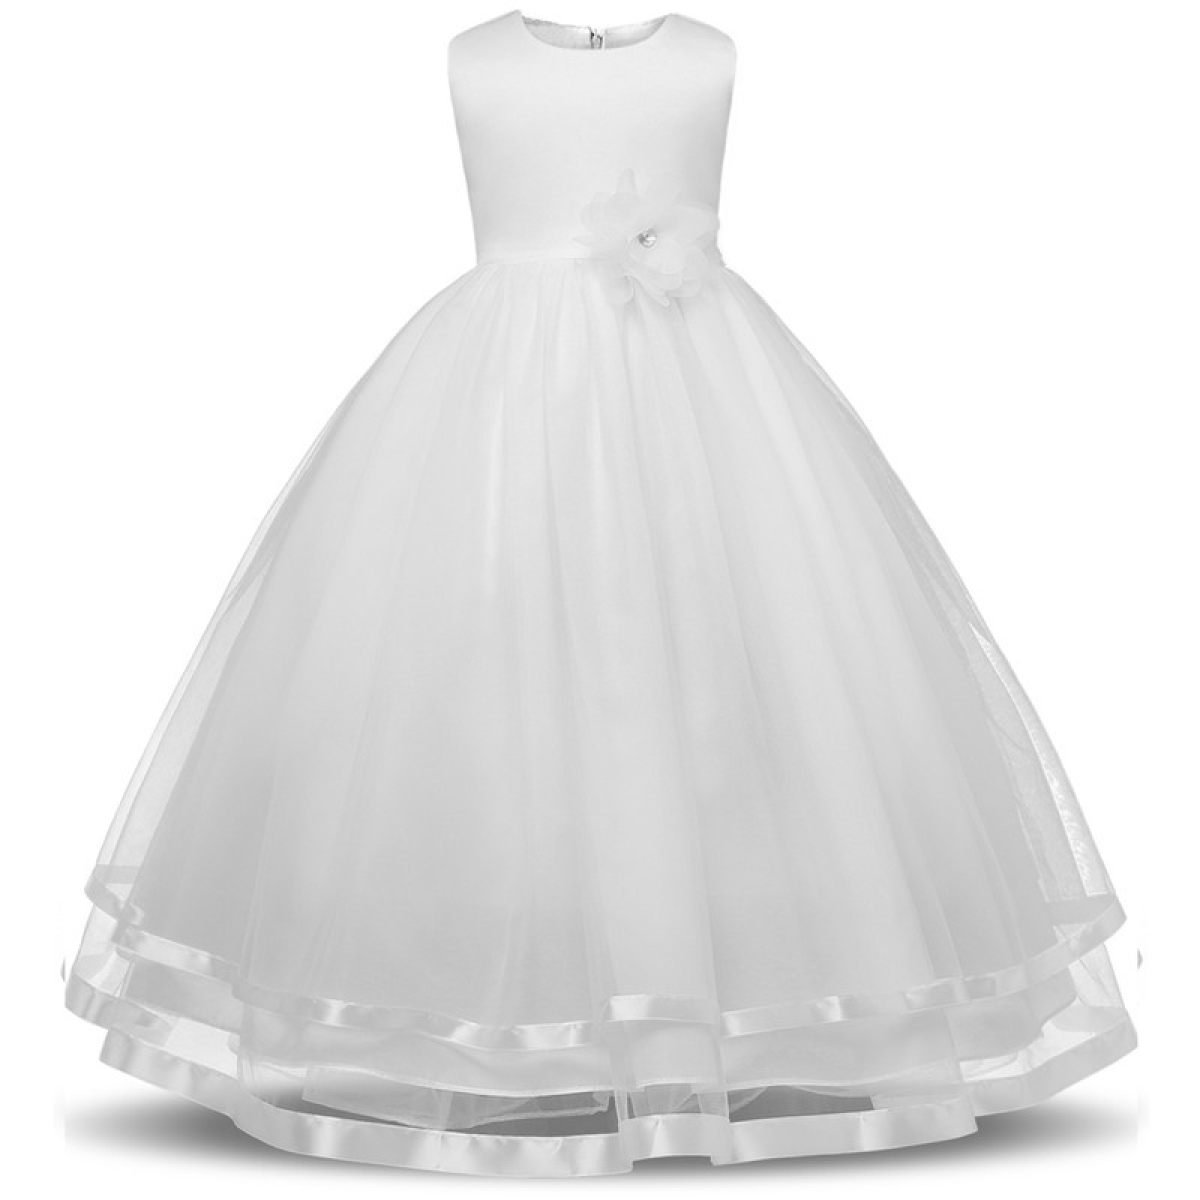 Filles Rose Fleur Bow Tie Princesse Robe De Soirée Tulle De Mariage Demoiselle D'honneur Baptême Robe Parfait Cadeau D'anniversaire,White-110cm